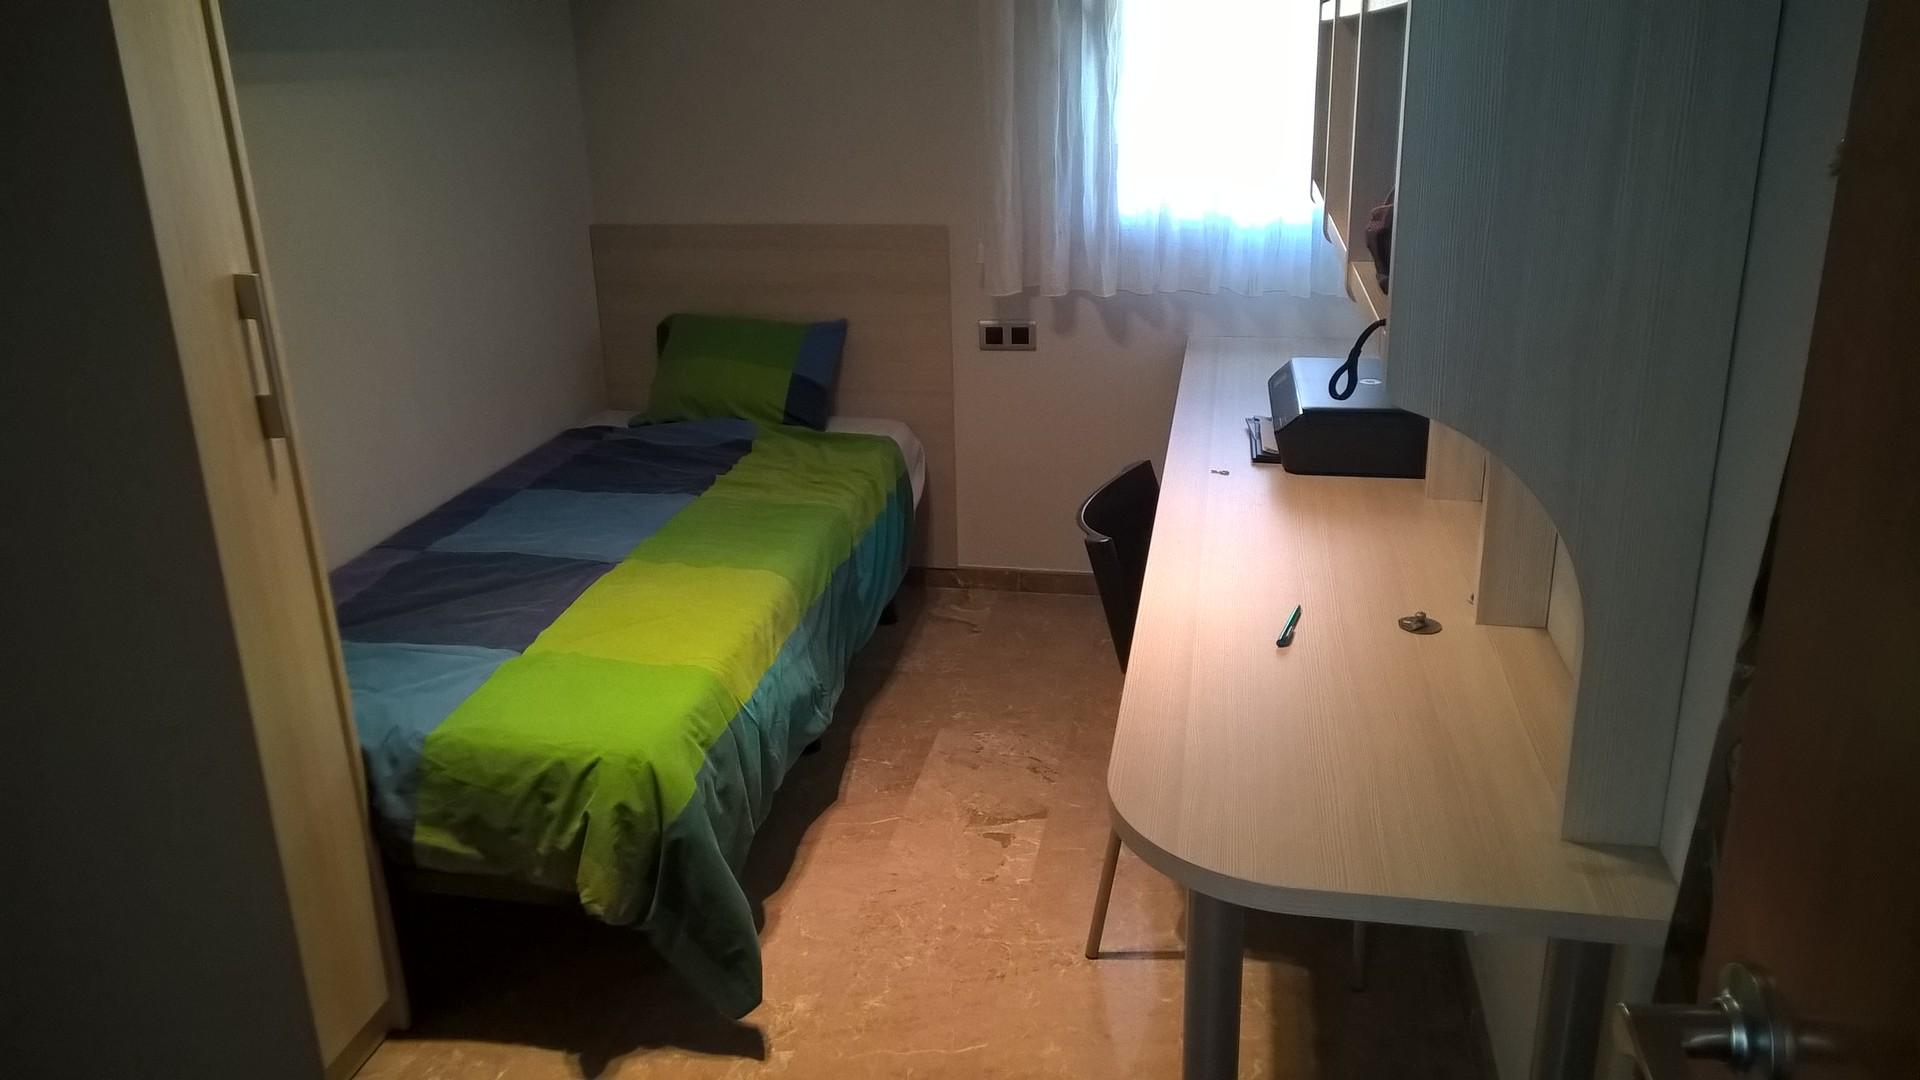 individual-room-private-bathroom-b75e879ec0b656a65a7cc8d3521f58e8